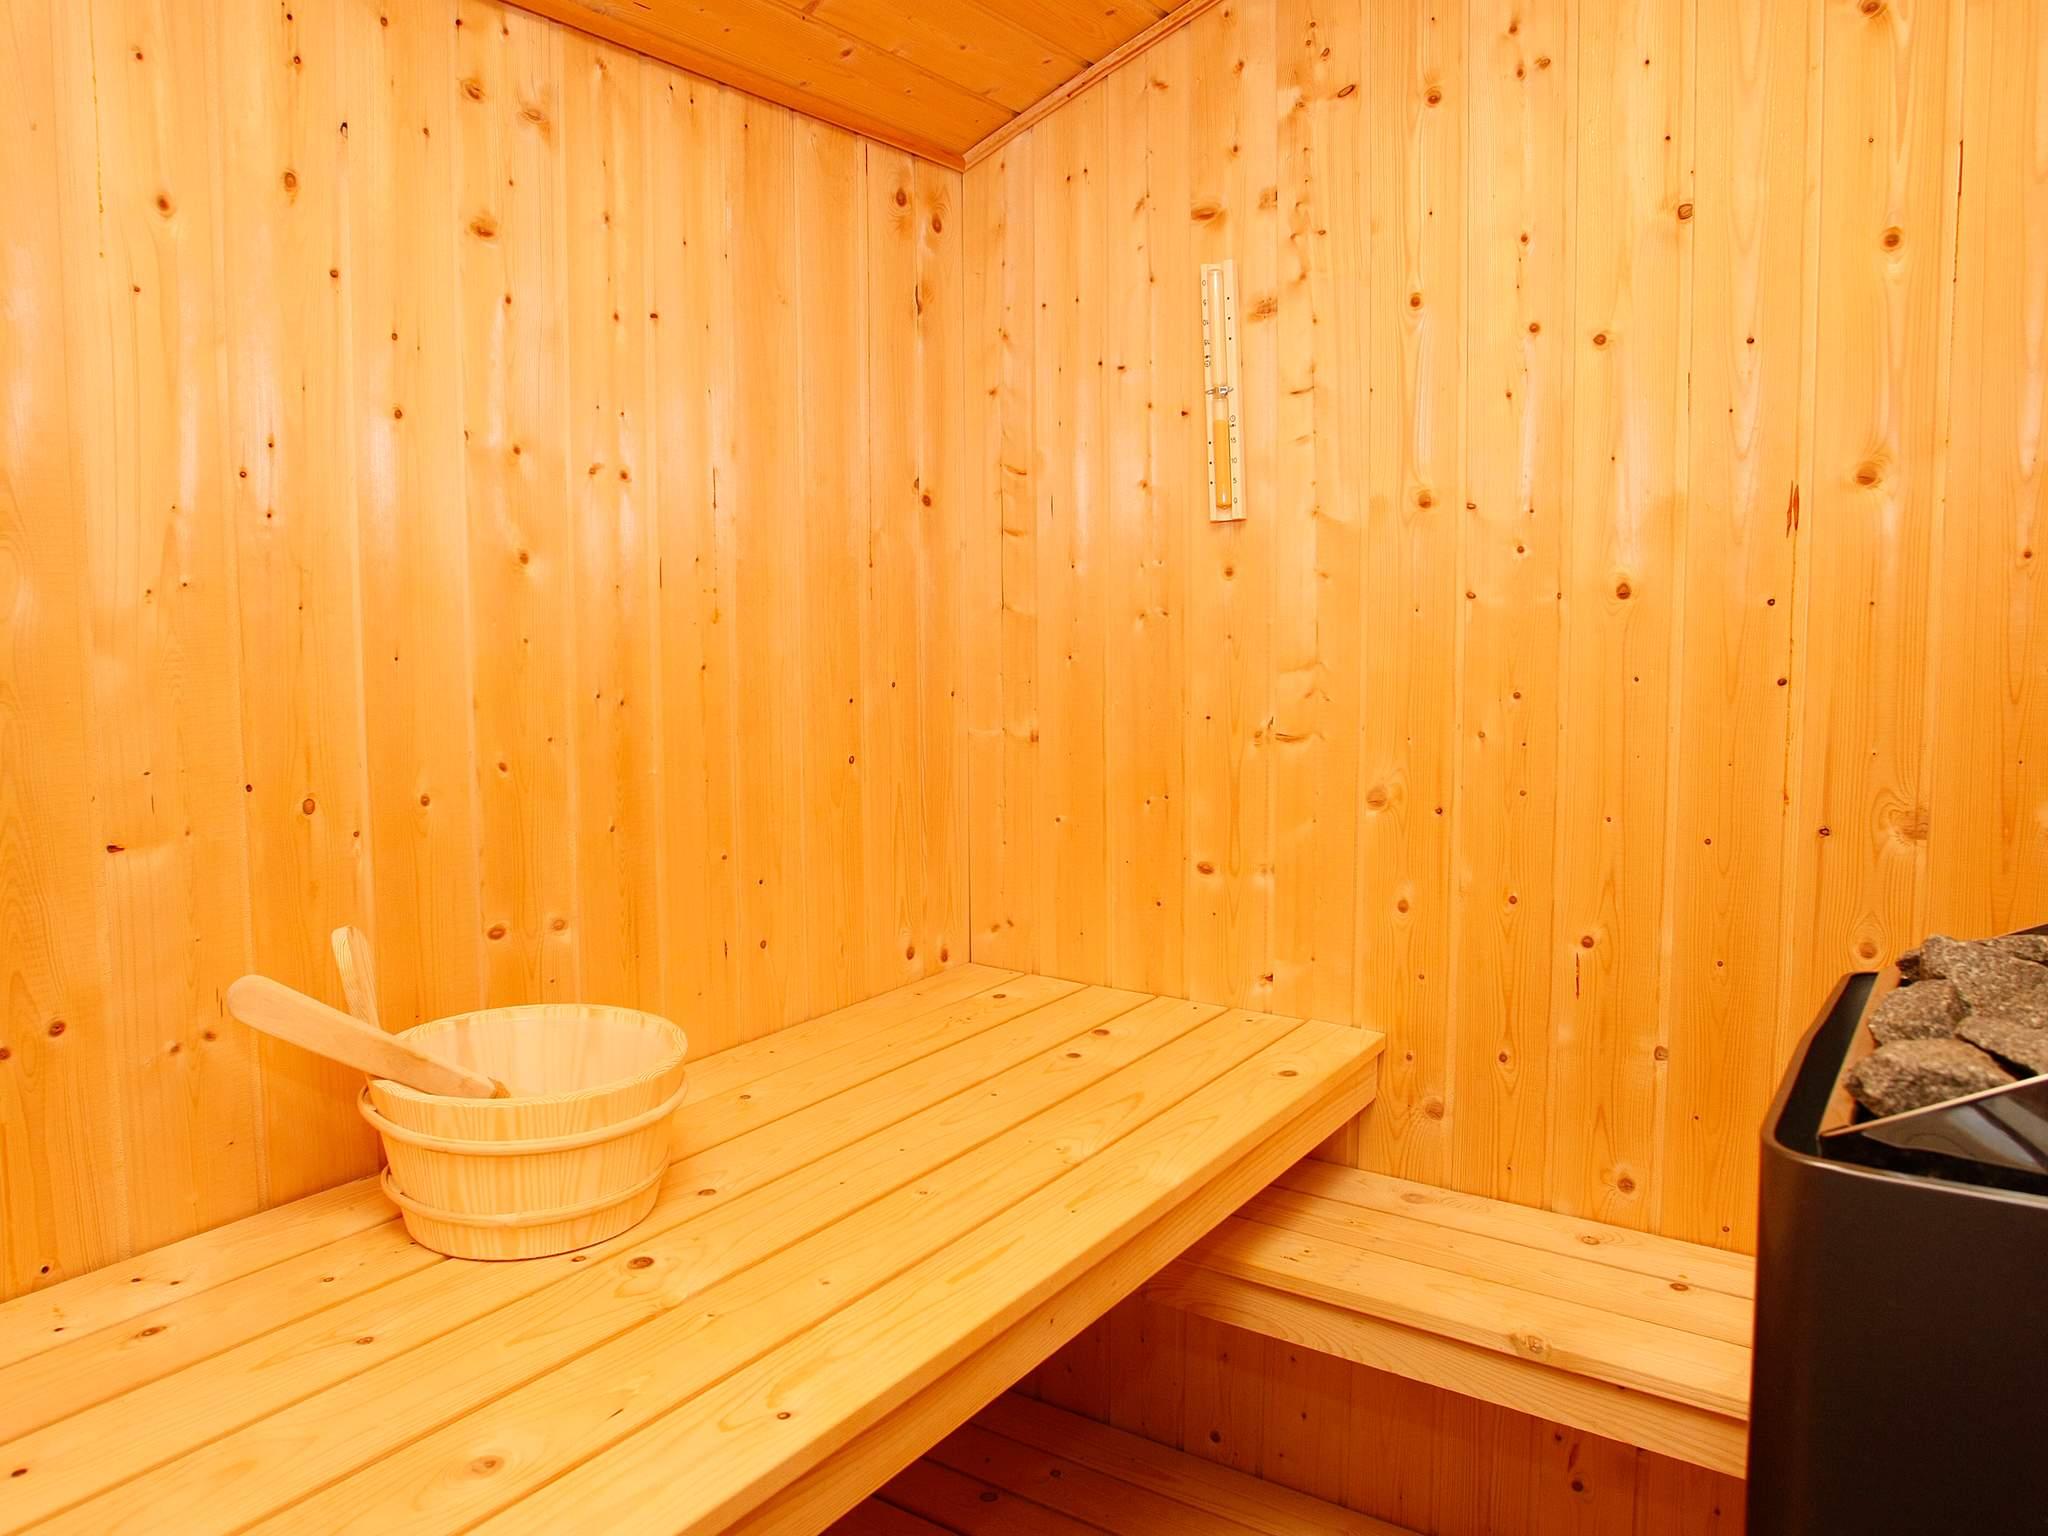 Ferienhaus Lodskovvad (359066), Lodskovvad, , Nordostjütland, Dänemark, Bild 14